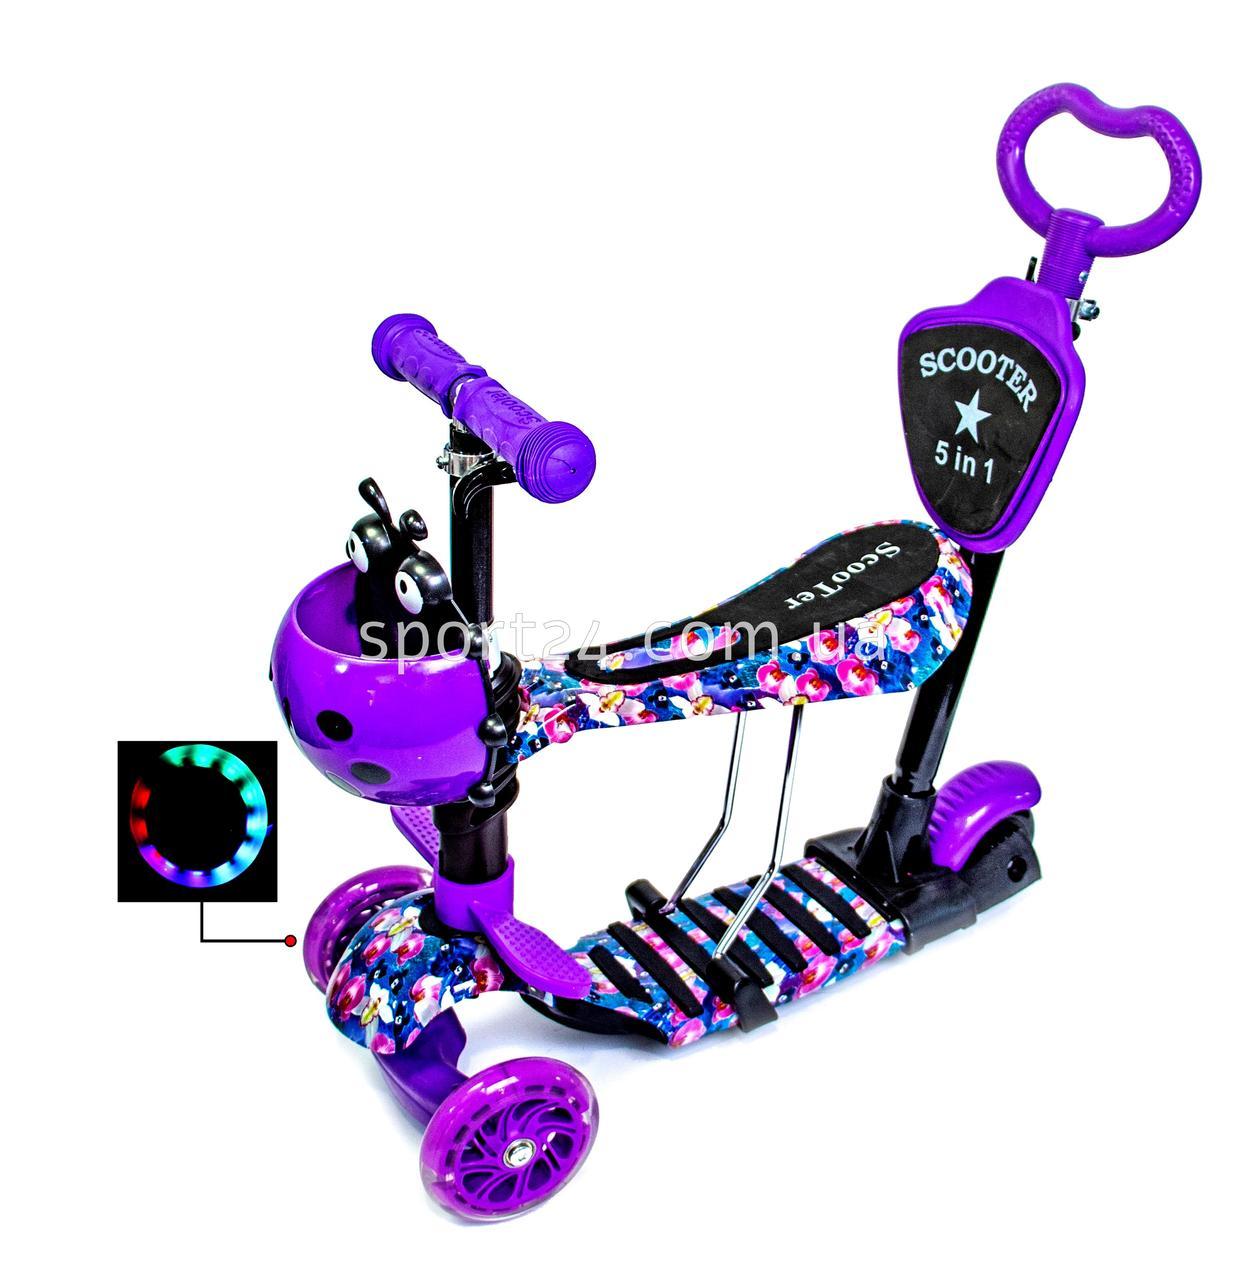 Трехколесный самокат Scooter 5 в 1 Фиолетовая Орхидея (от 1,5 лет, светящиеся колеса)